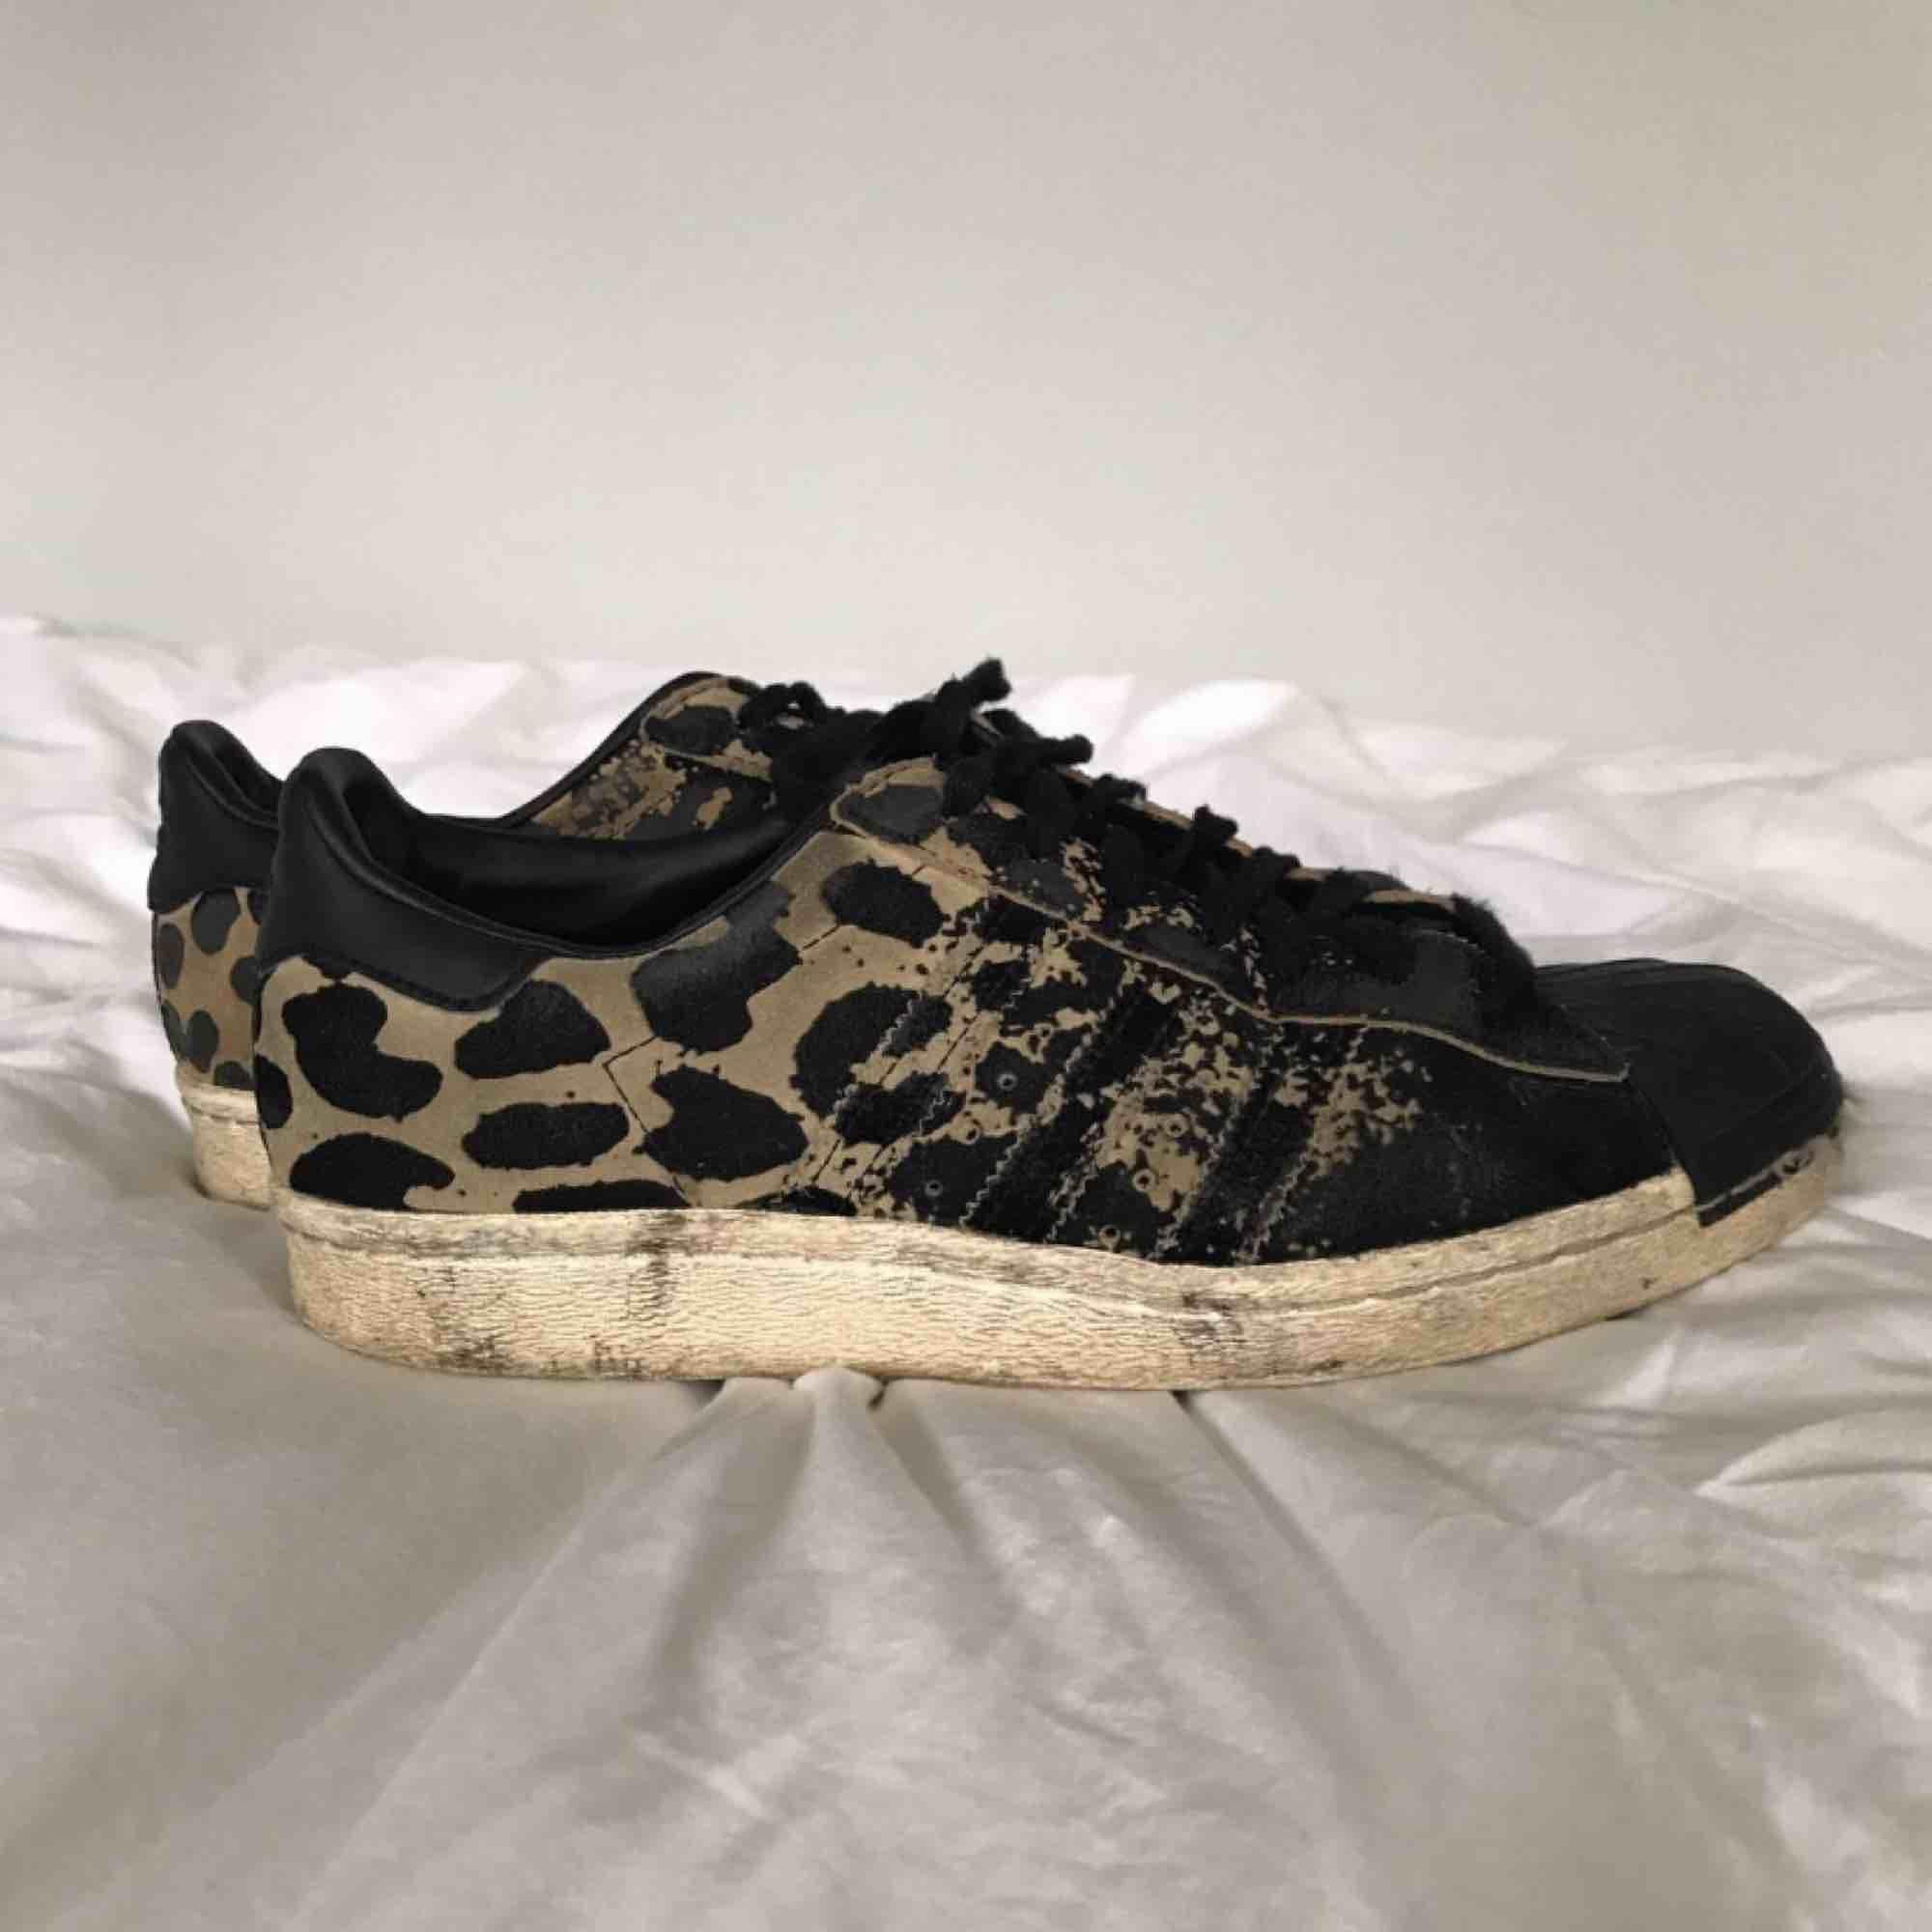 Adidas One star leopard skor . Skor.